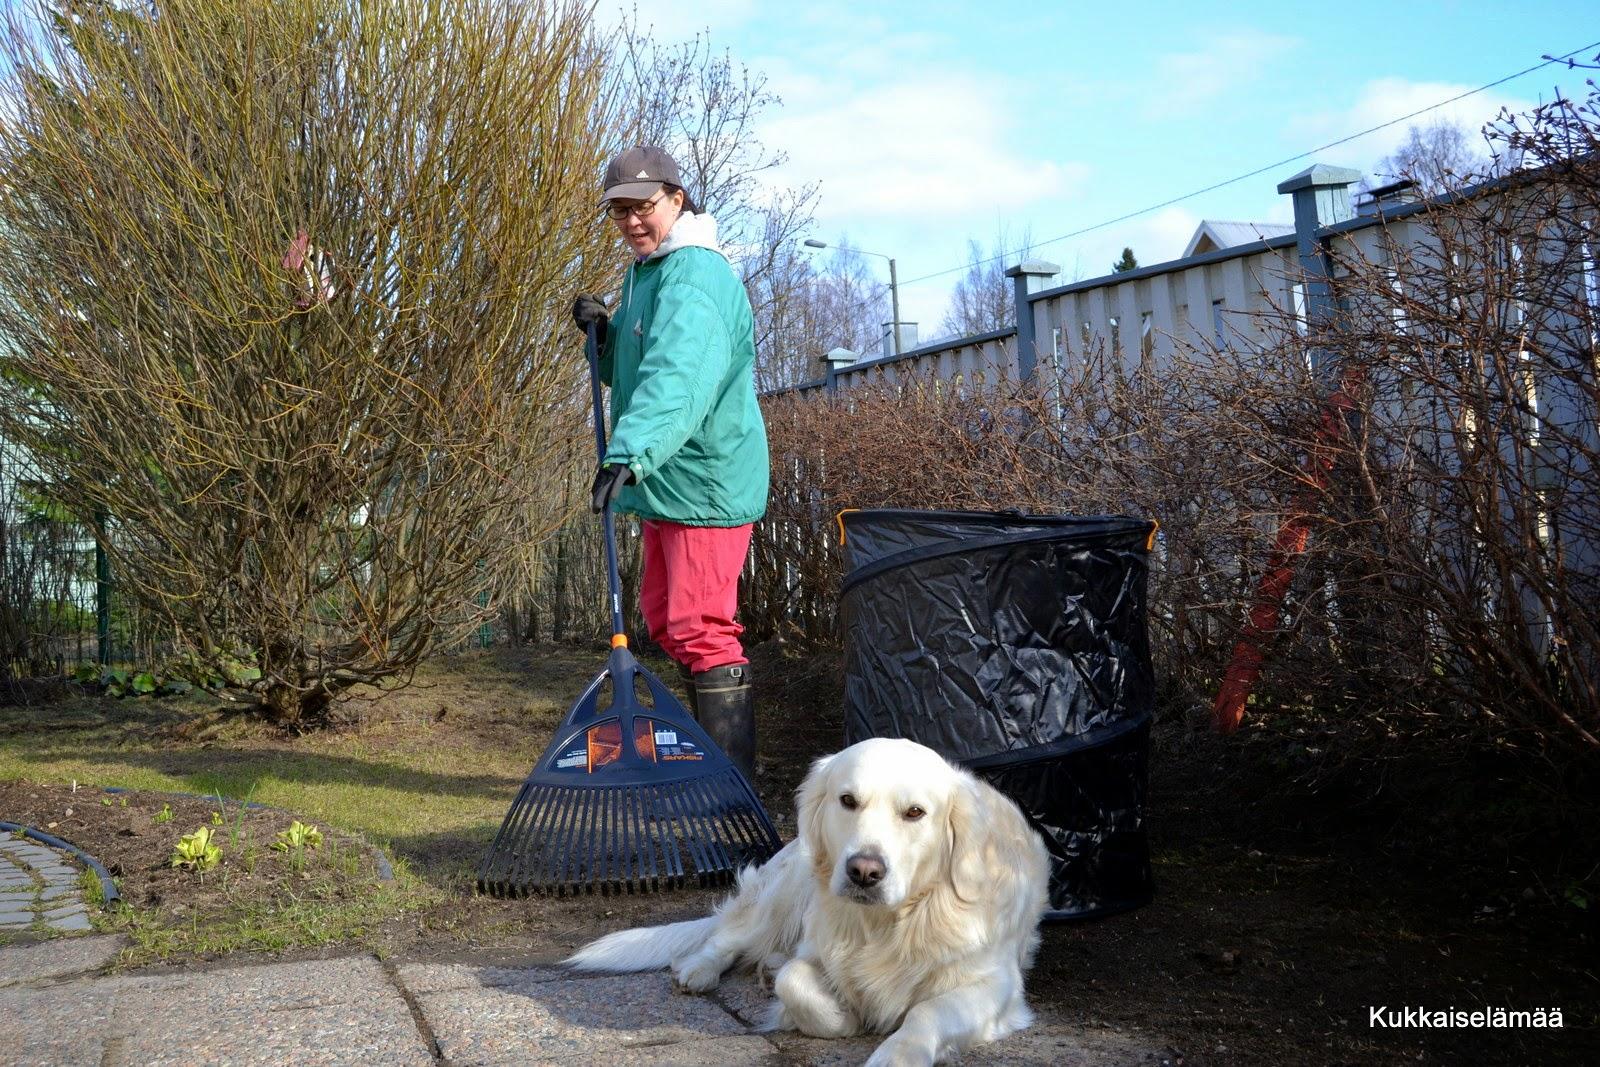 Mikin kanssa pihahommissa – Gardening with Mickey